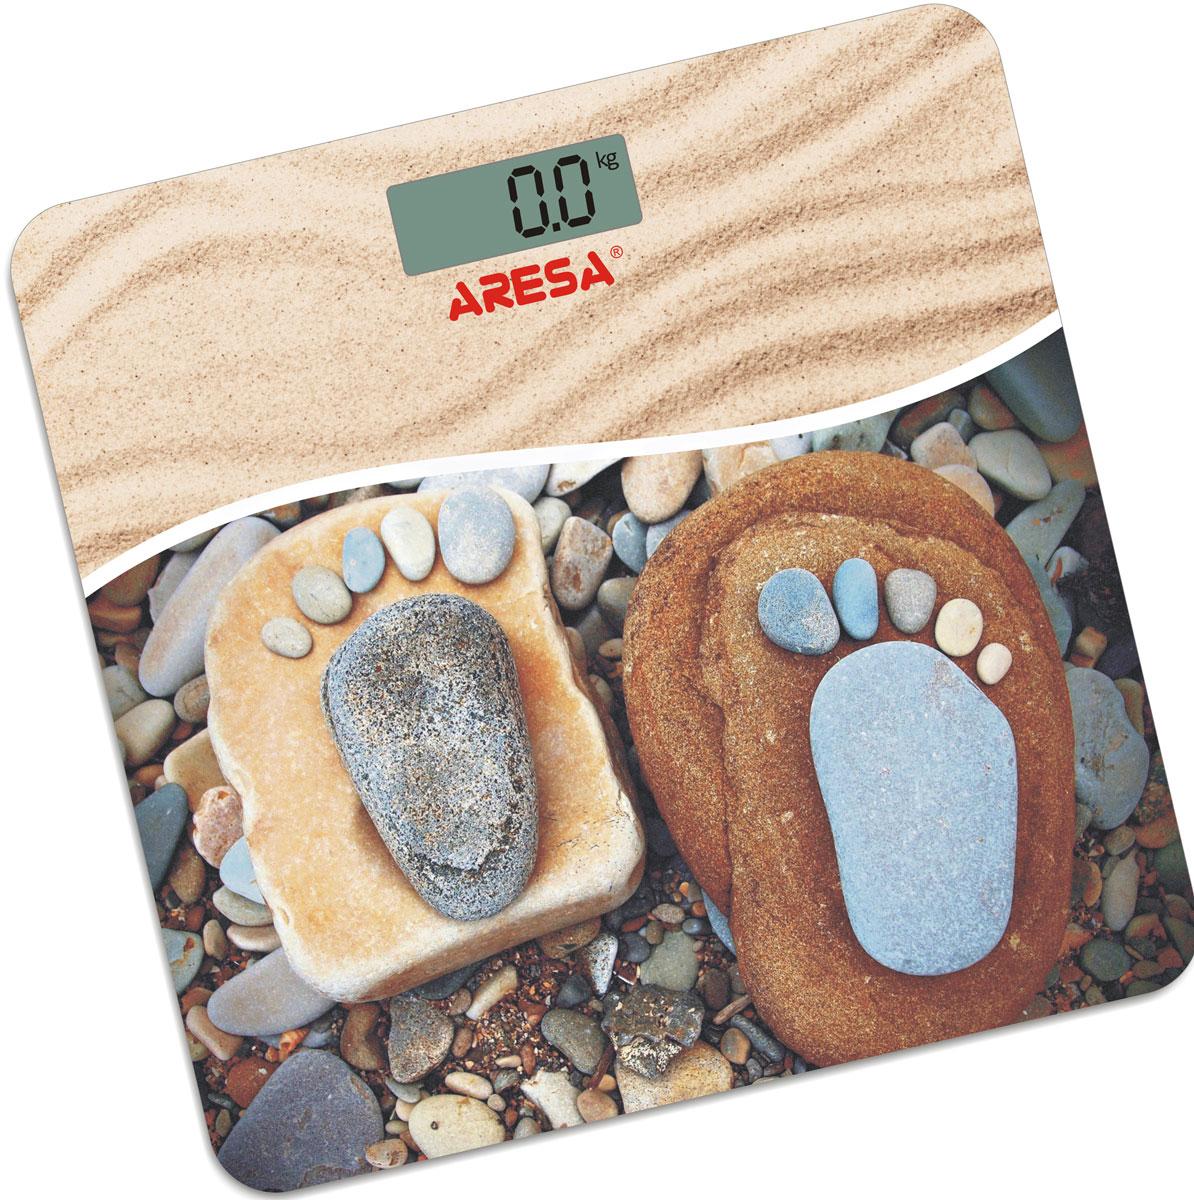 Aresa SB-304 напольные весыSB-304Напольные электронные весы Aresa SB-304 - неотъемлемый атрибут здорового образа жизни. Они необходимы тем, кто следит за своим здоровьем, весом, ведет активный образ жизни, занимается спортом и фитнесом. Очень удобны для будущих мам, постоянно контролирующих прибавку в весе, также рекомендуются родителям, внимательно следящим за весом своих детей.Минимальная нагрузка: 2,5 кг